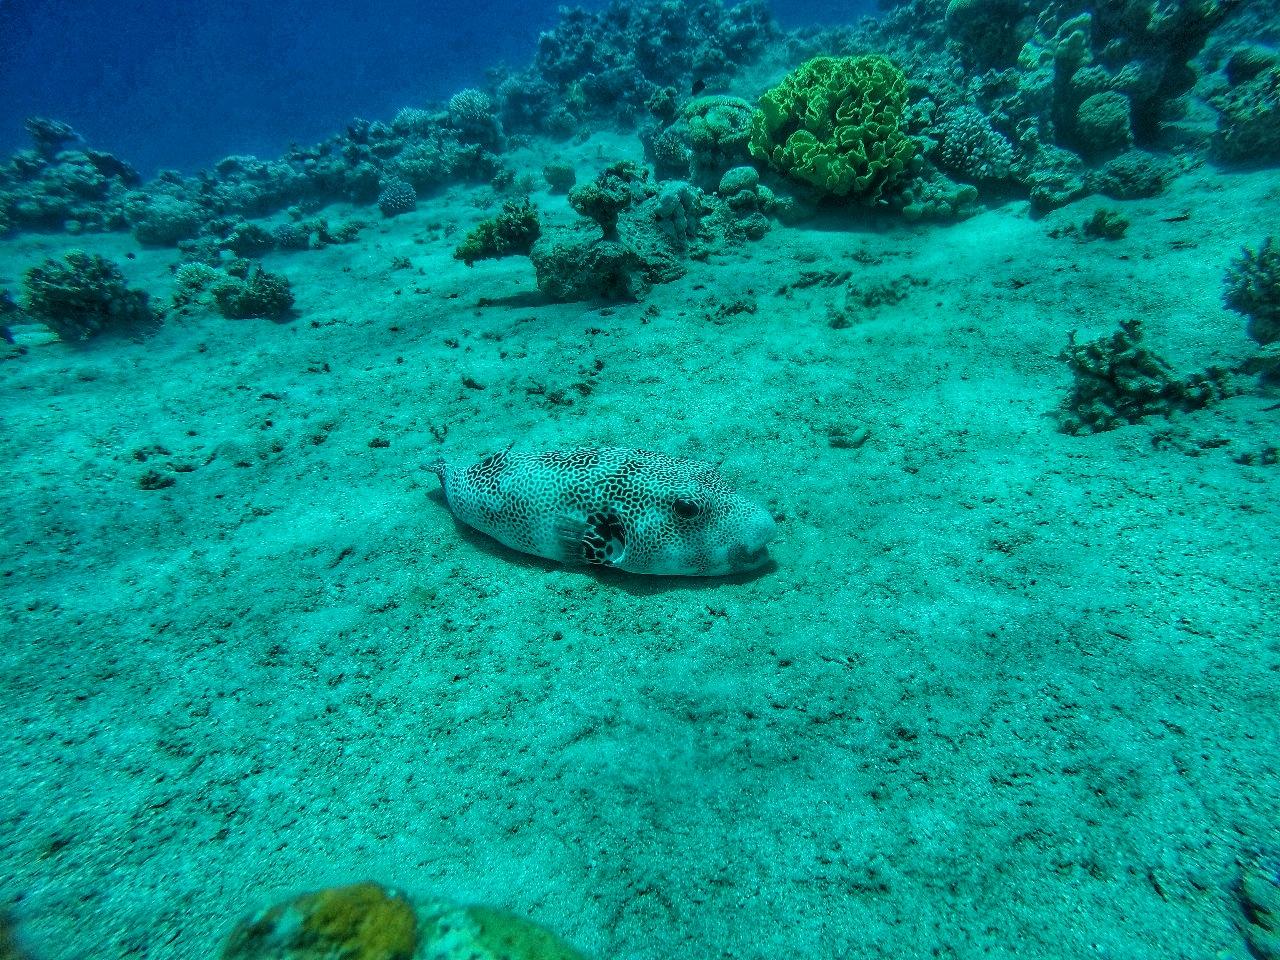 Jordanie - Plongée sous-marine dans la Mer rouge à Aqaba